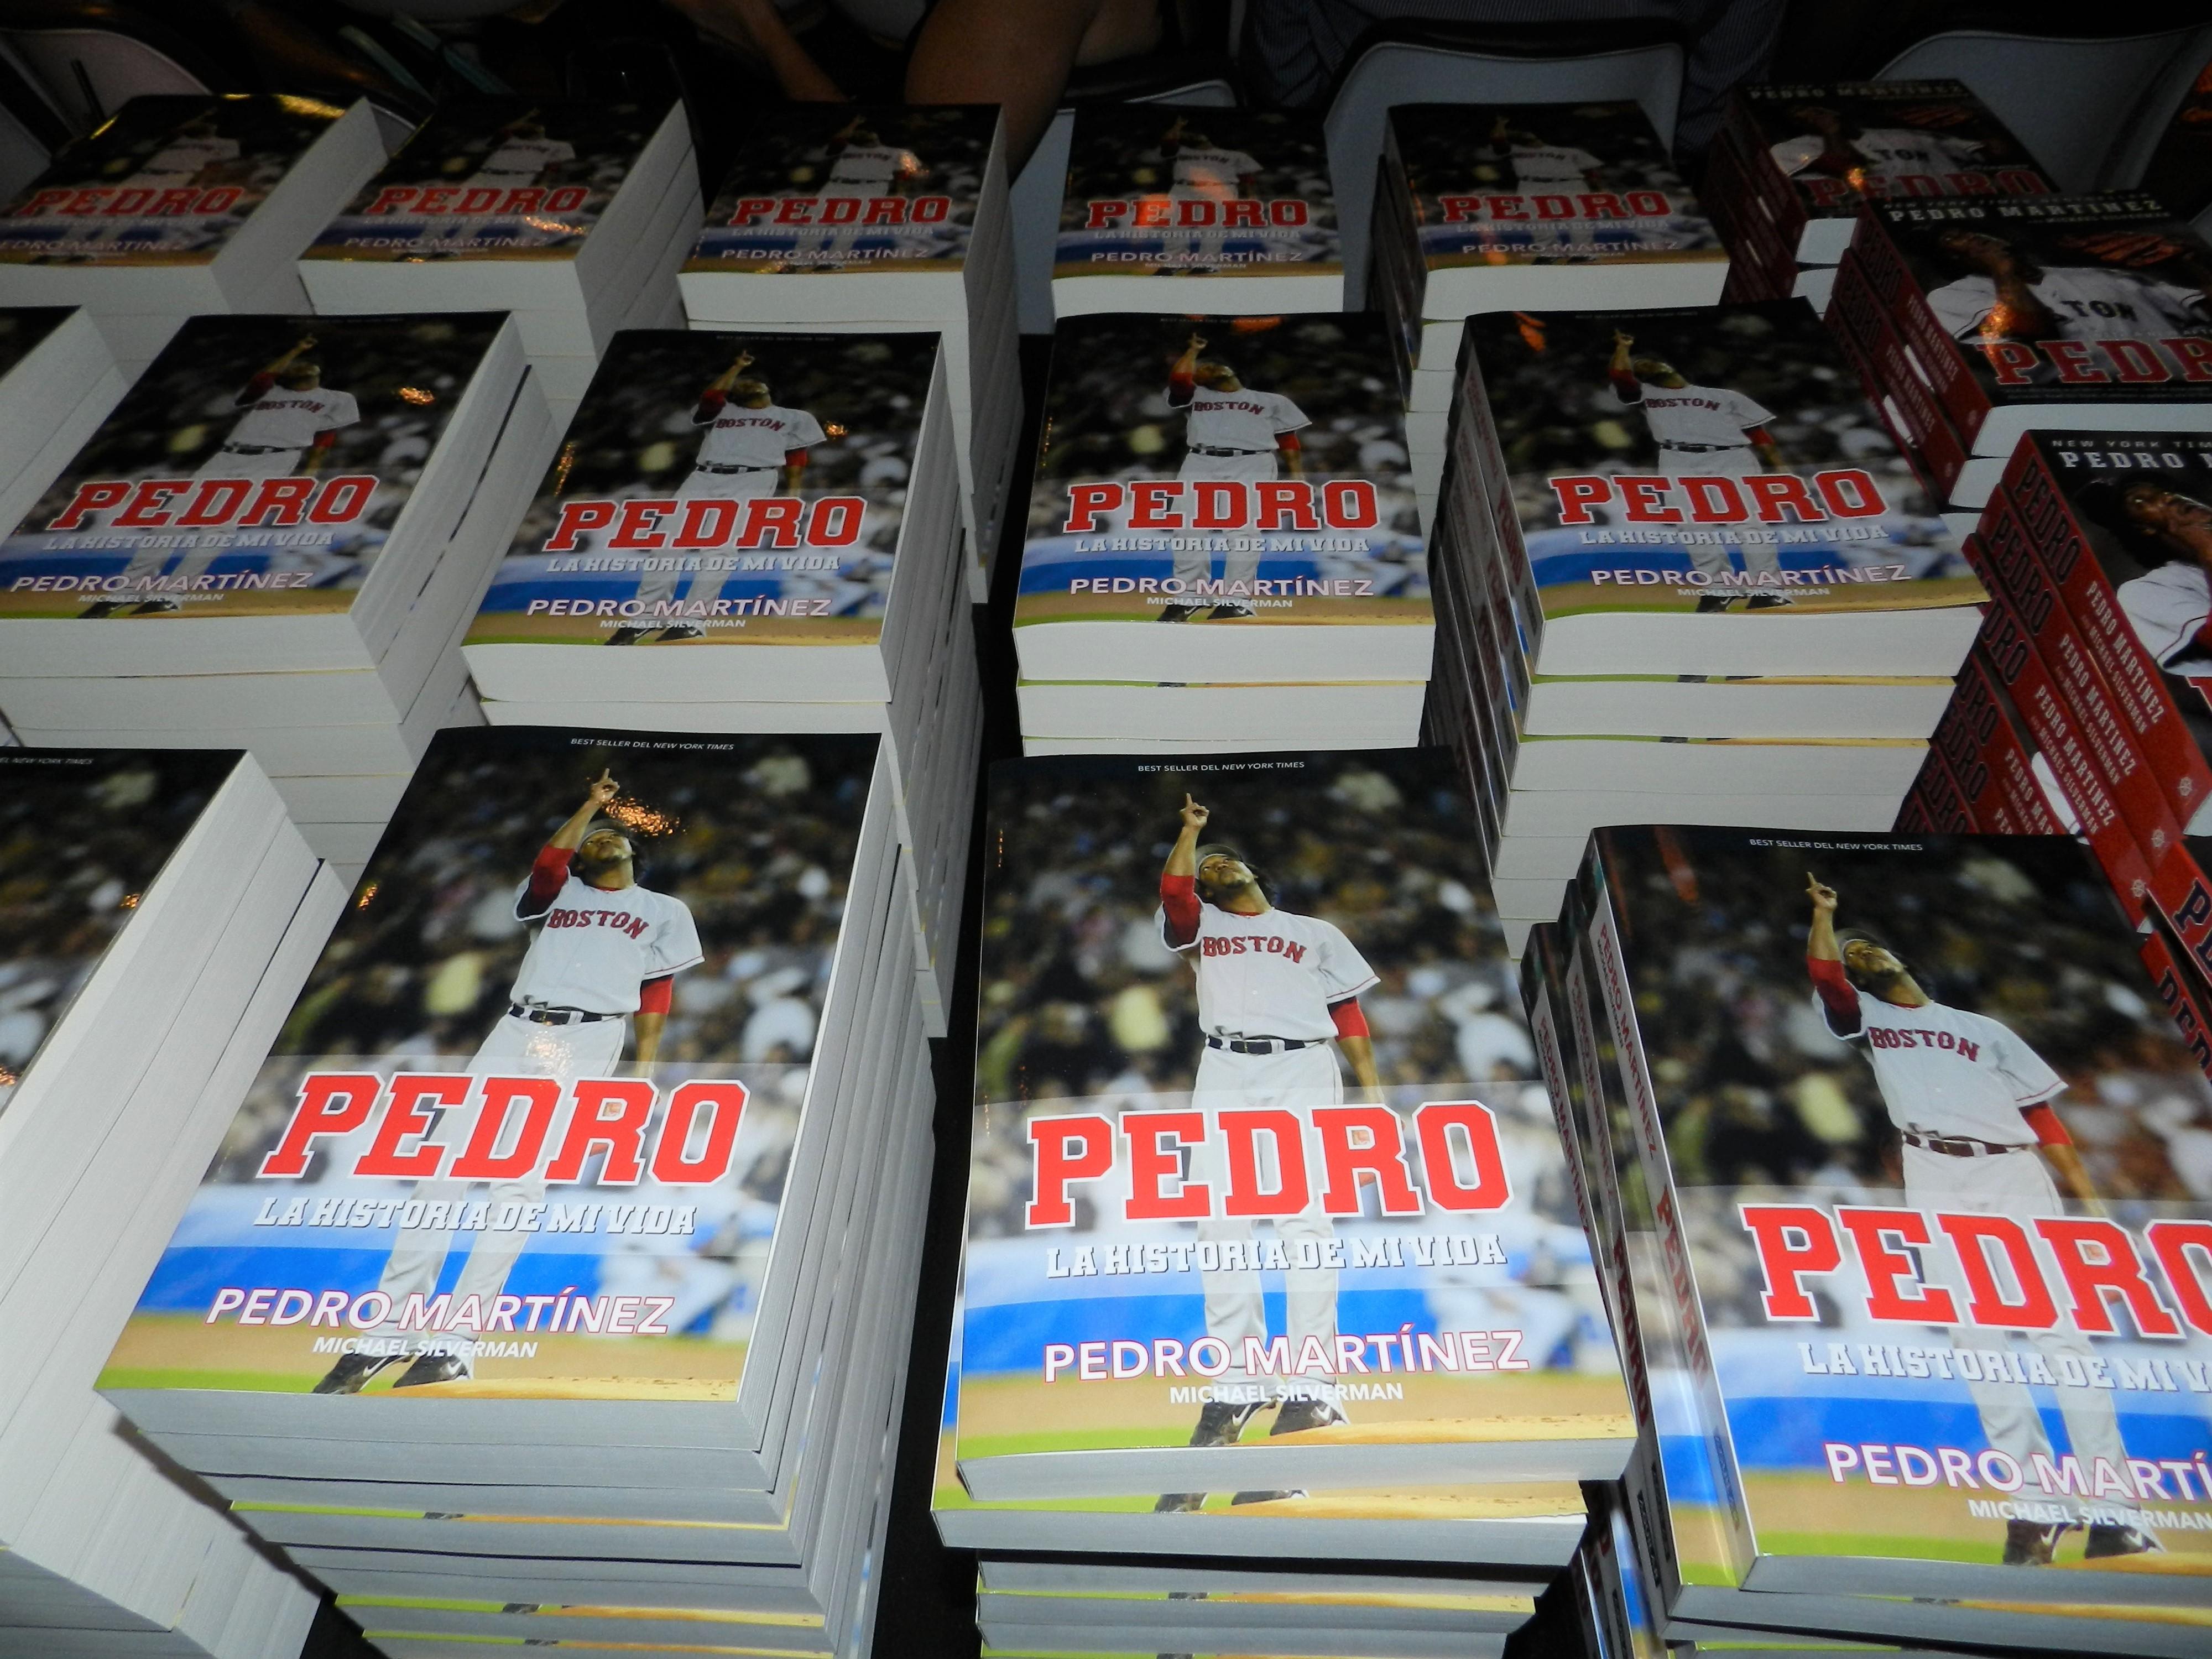 Presentan autobiografía de Pedro Martínez en Miami Beach